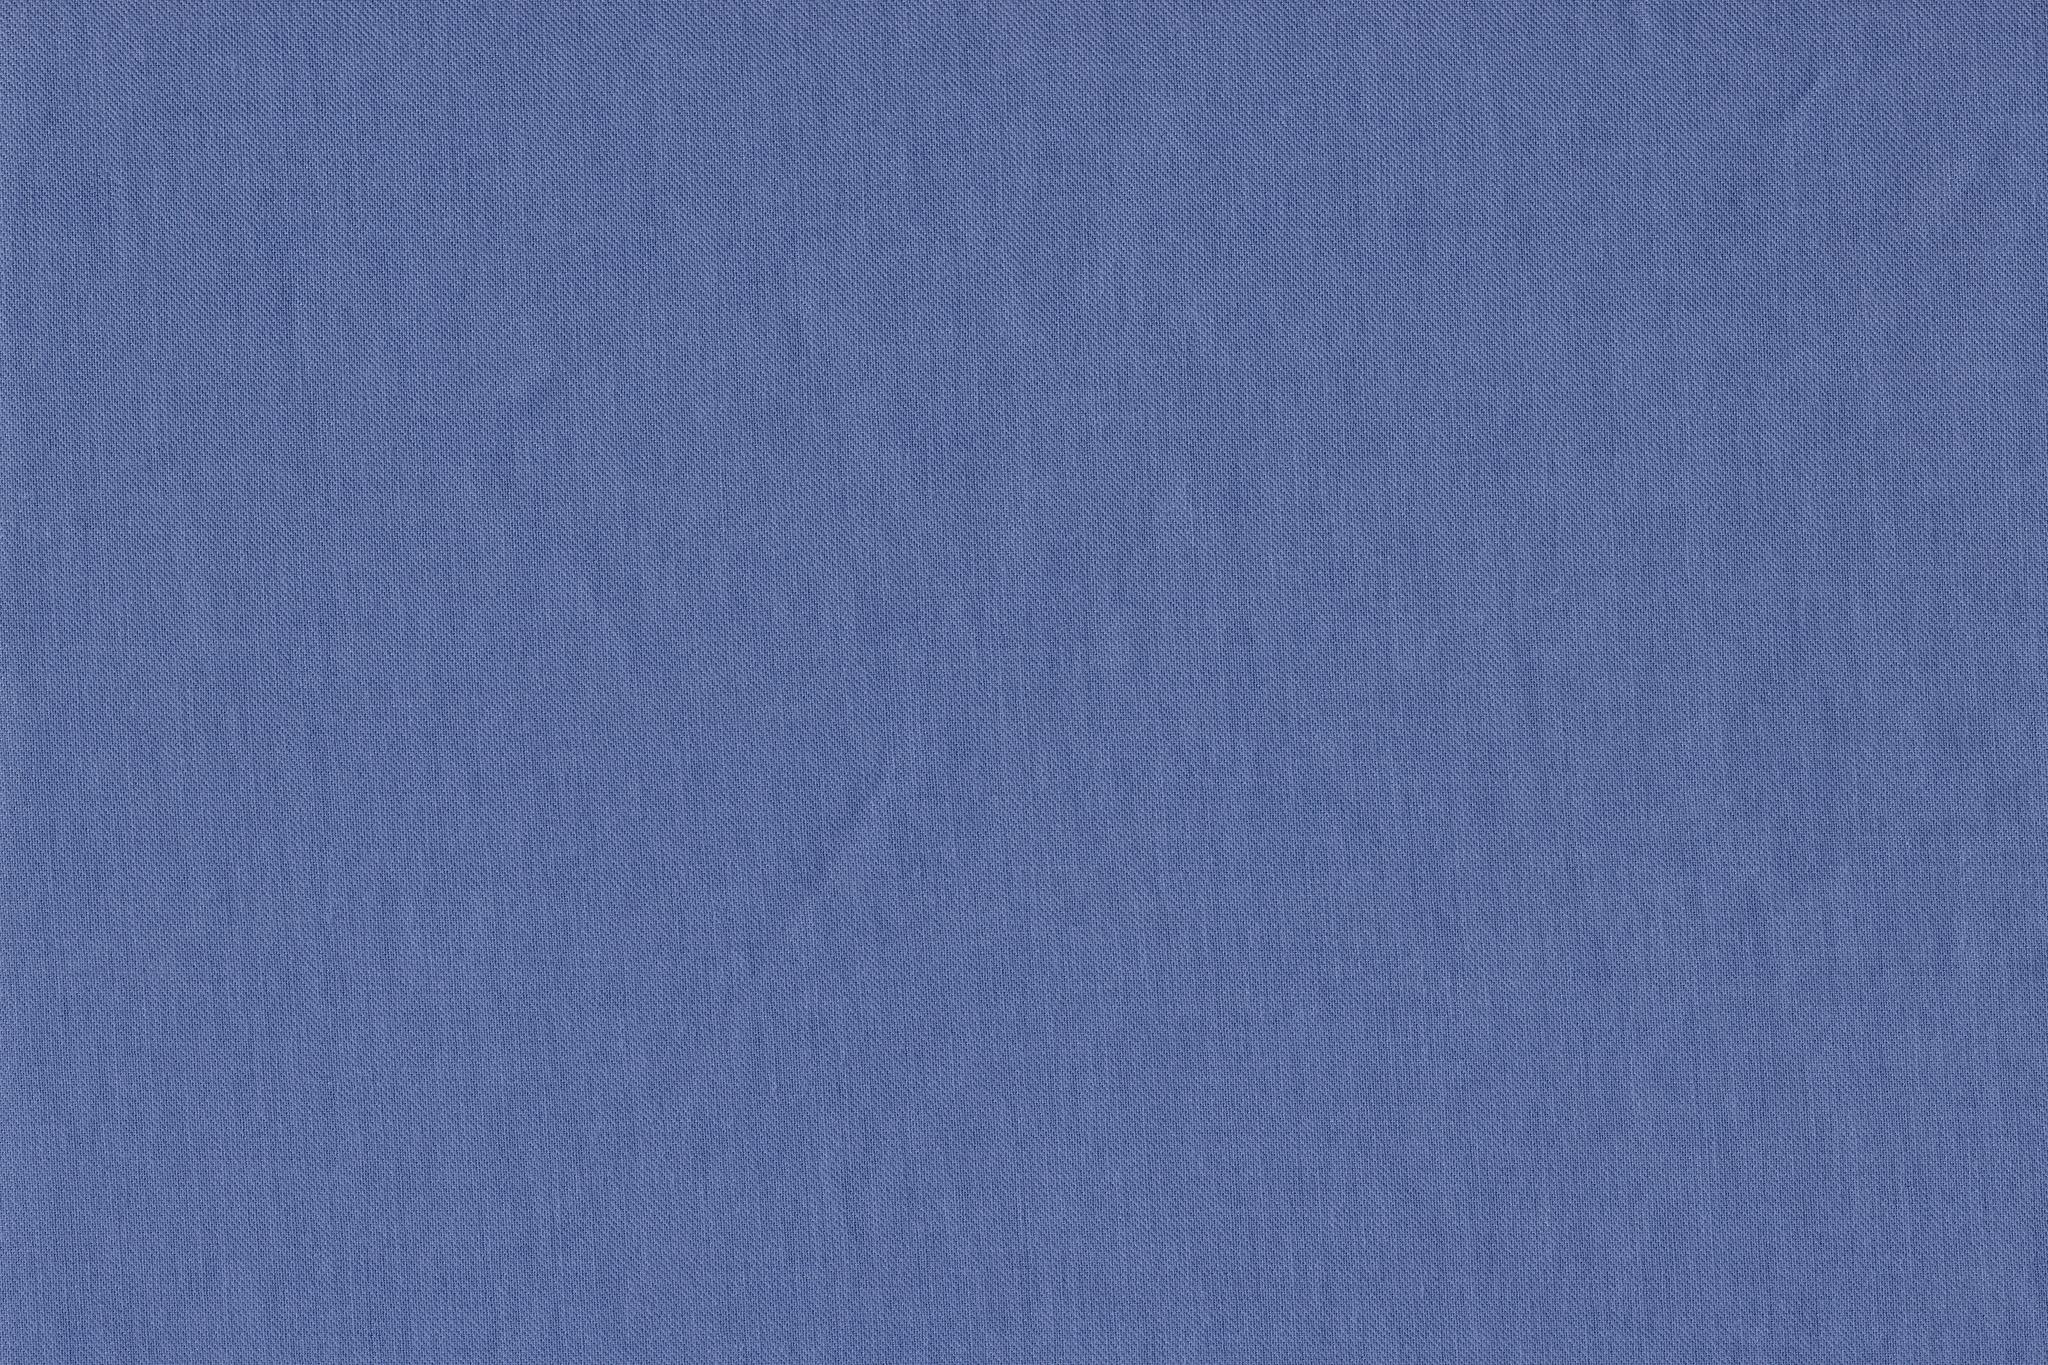 「綿生地のテクスチャ素材」の画像を無料ダウンロード